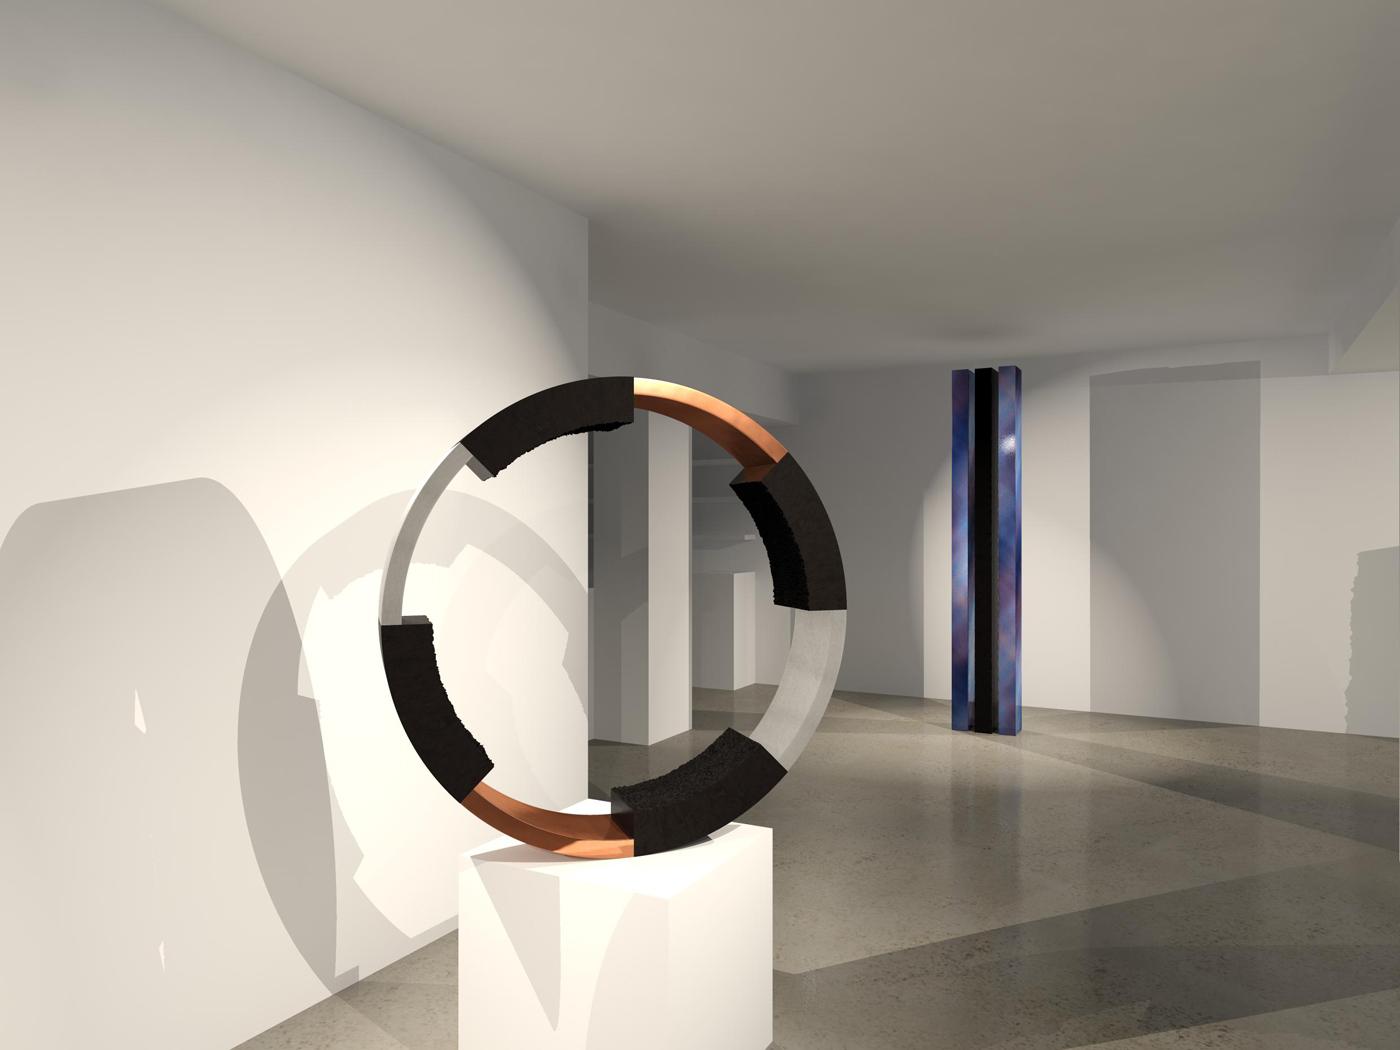 Escultura-en-espacio-interior04